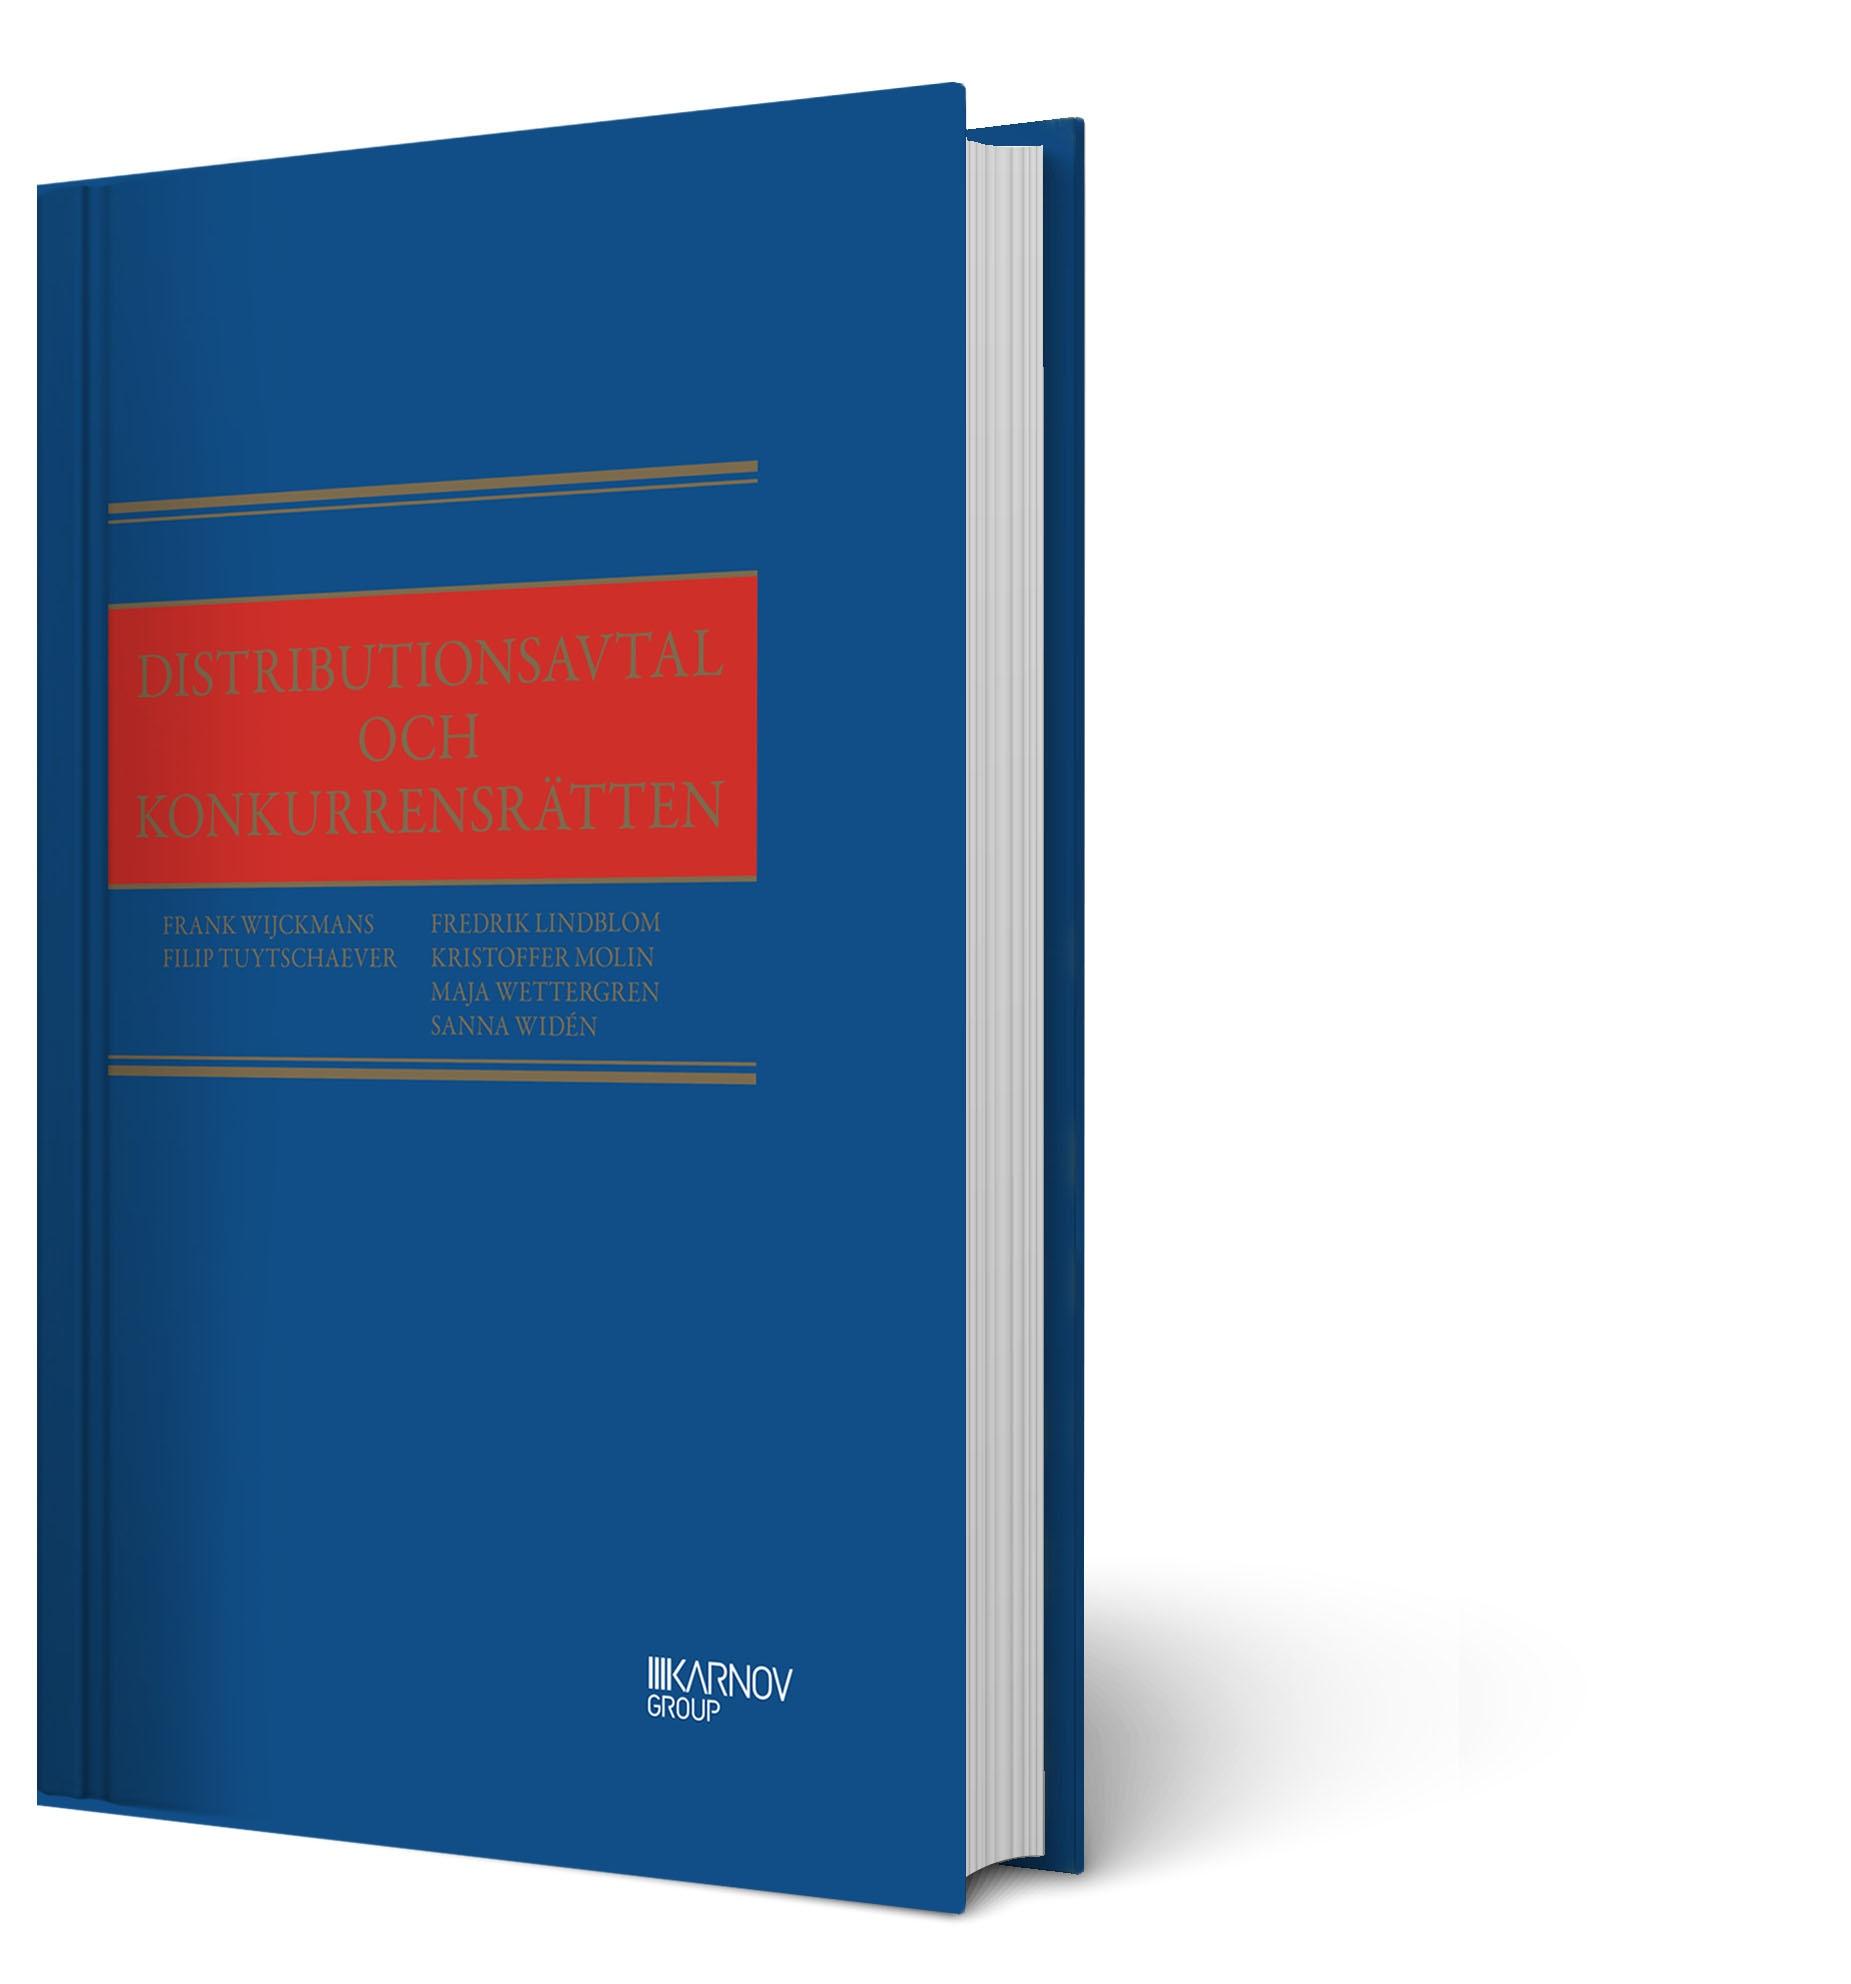 Distributionsavtal och konkurrensrätten